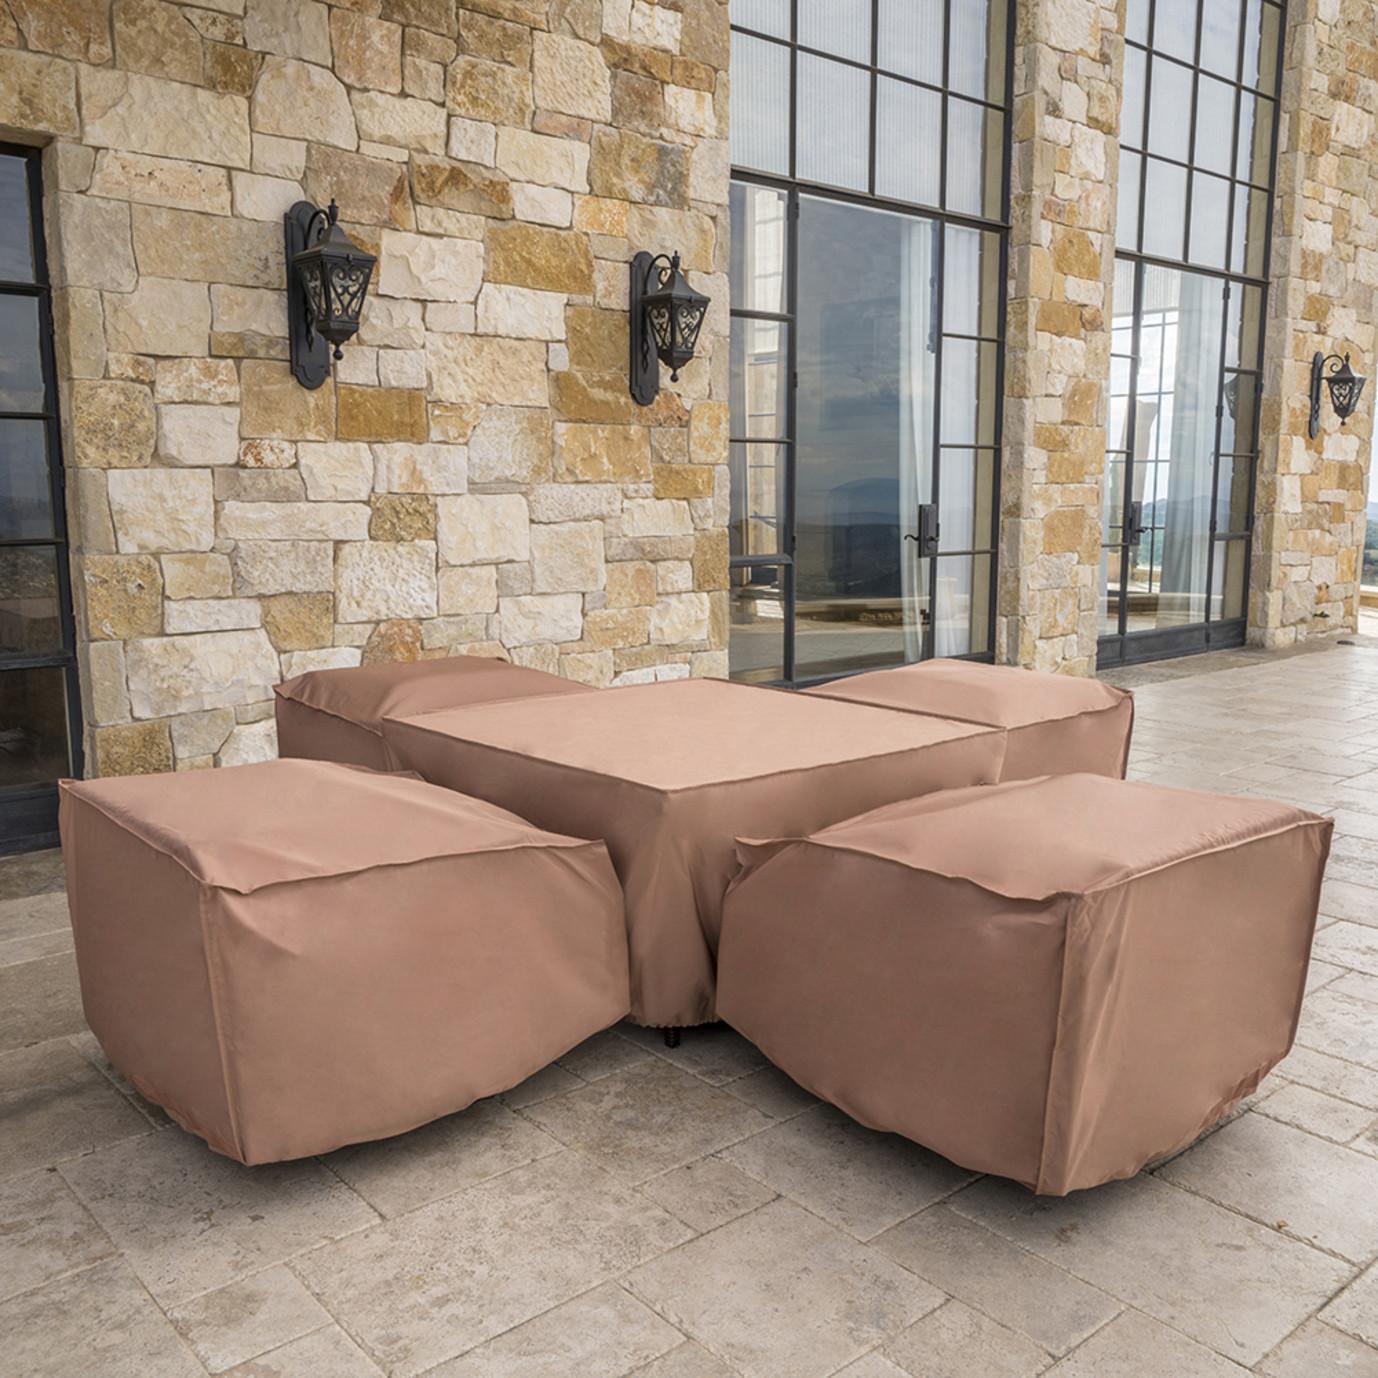 Portofino™ 5pc Fire Chat Set Furniture Covers